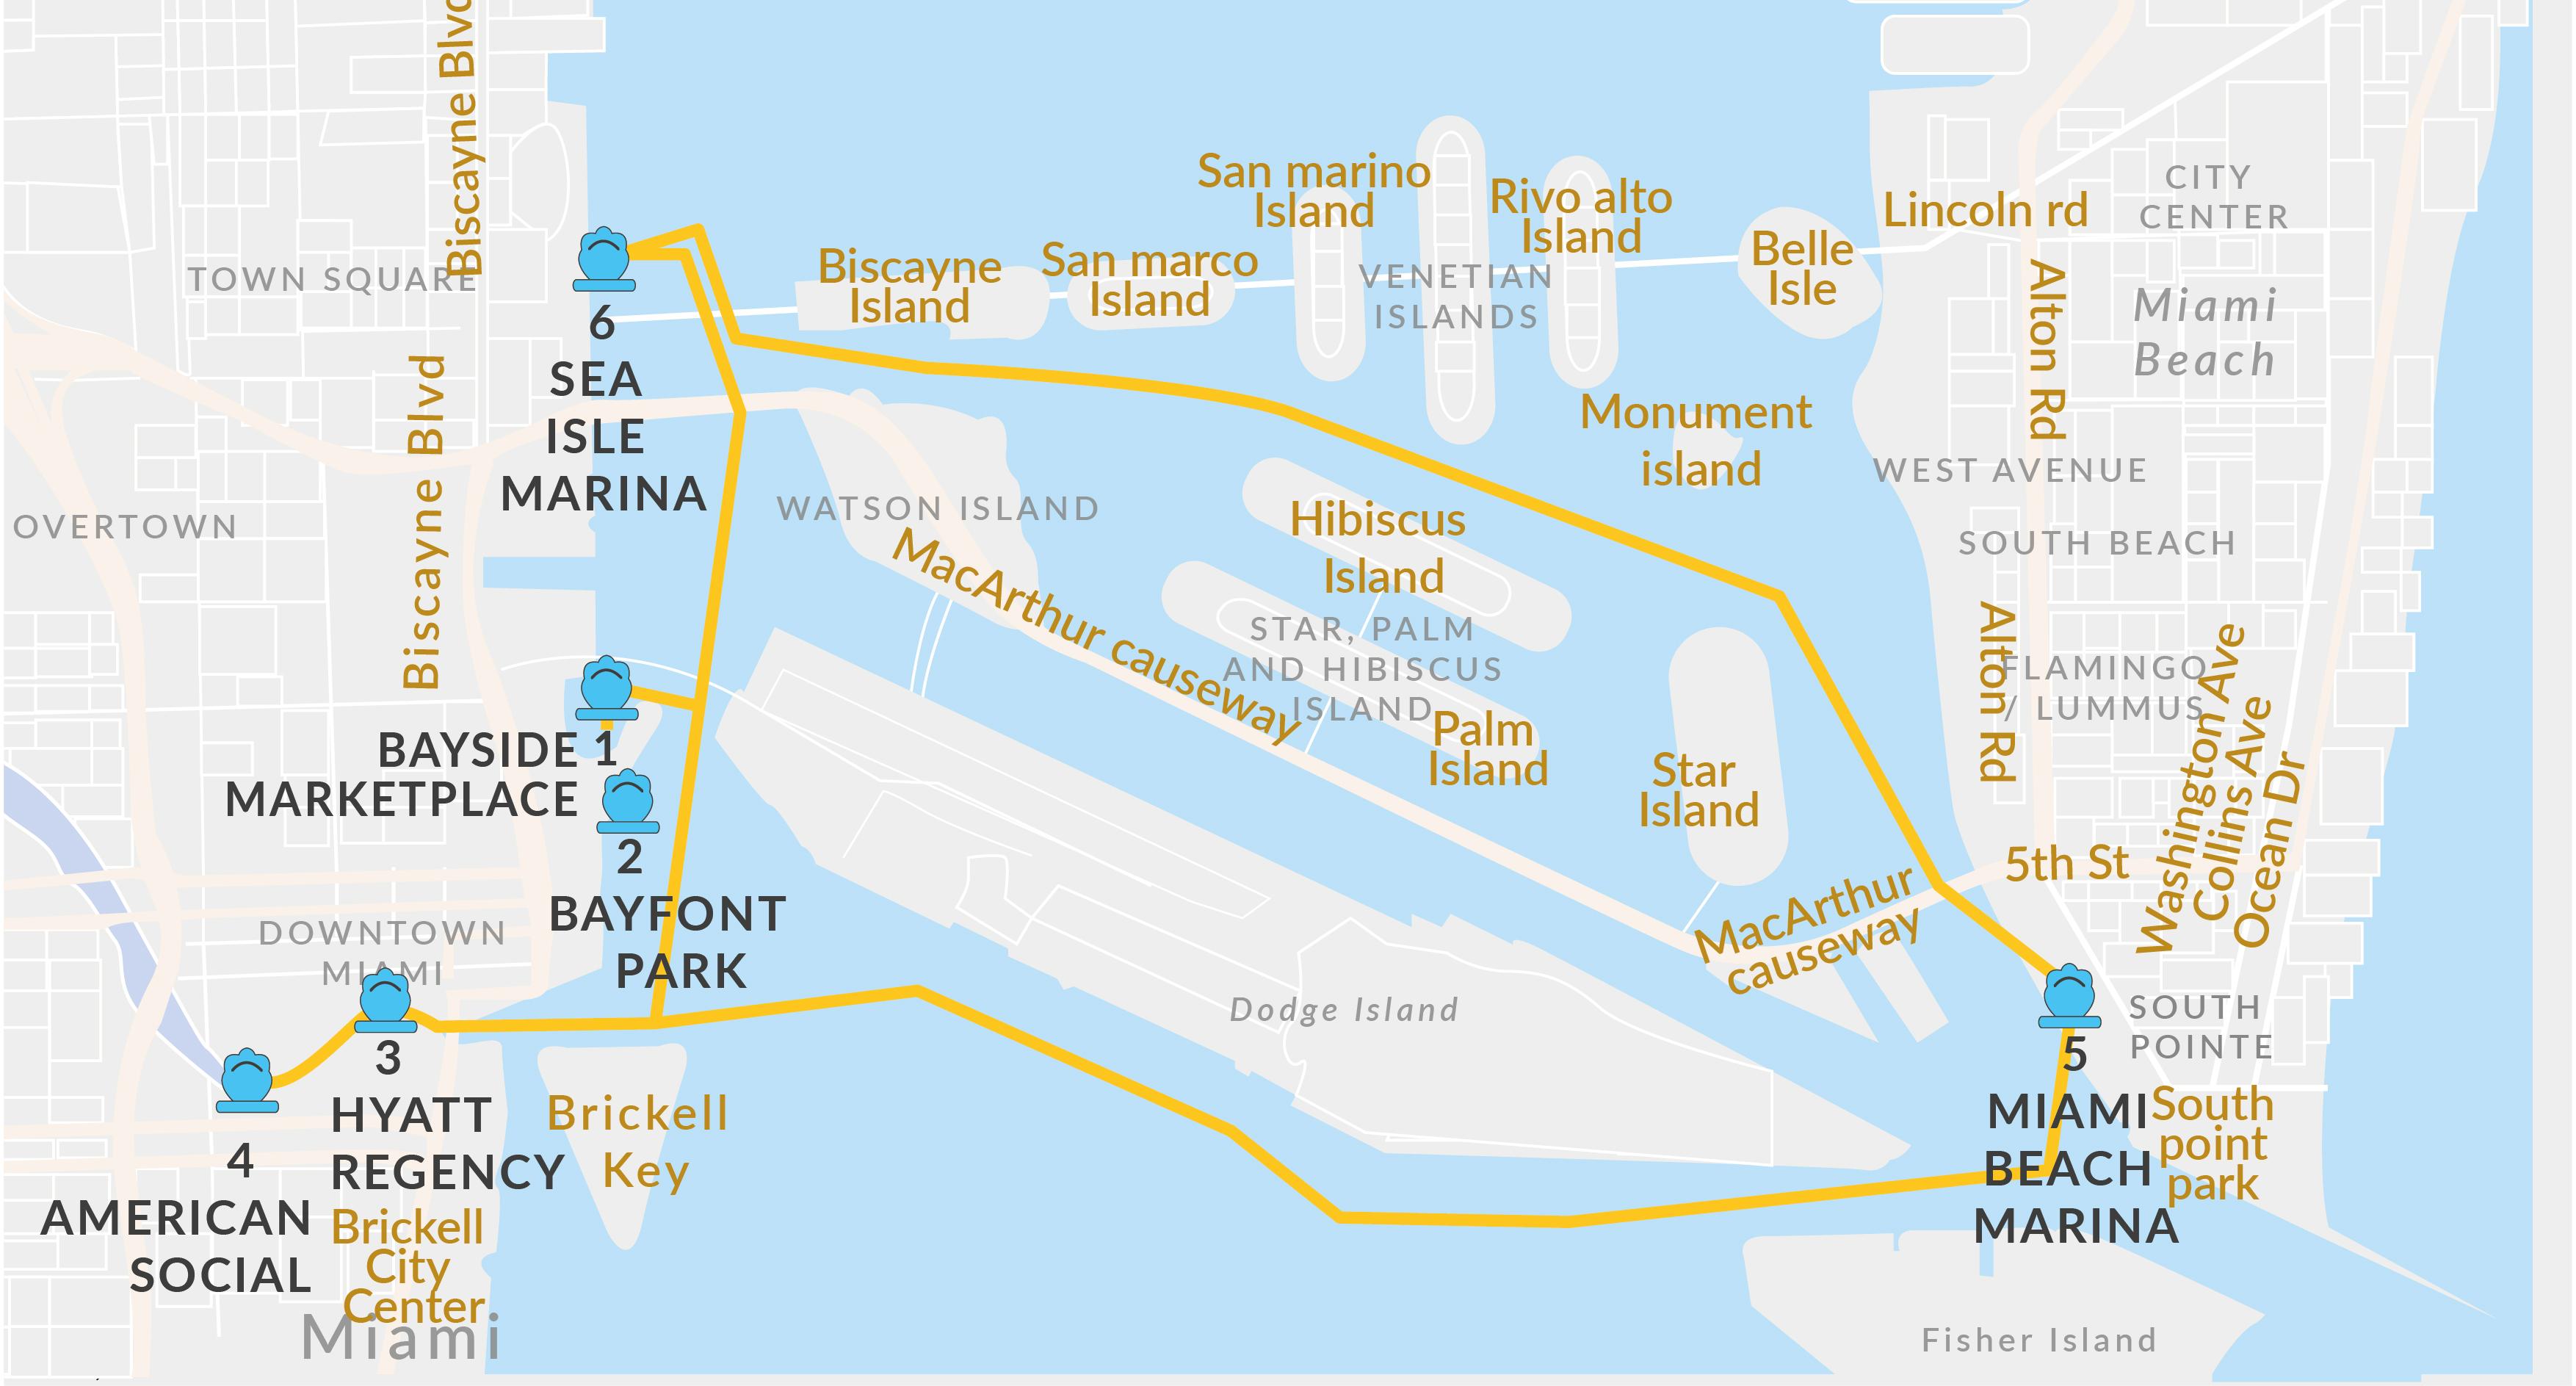 Miami Beach Boat Rides | Miami Water Taxi Schedule | Ferry Service - Miami Florida Cruise Port Map